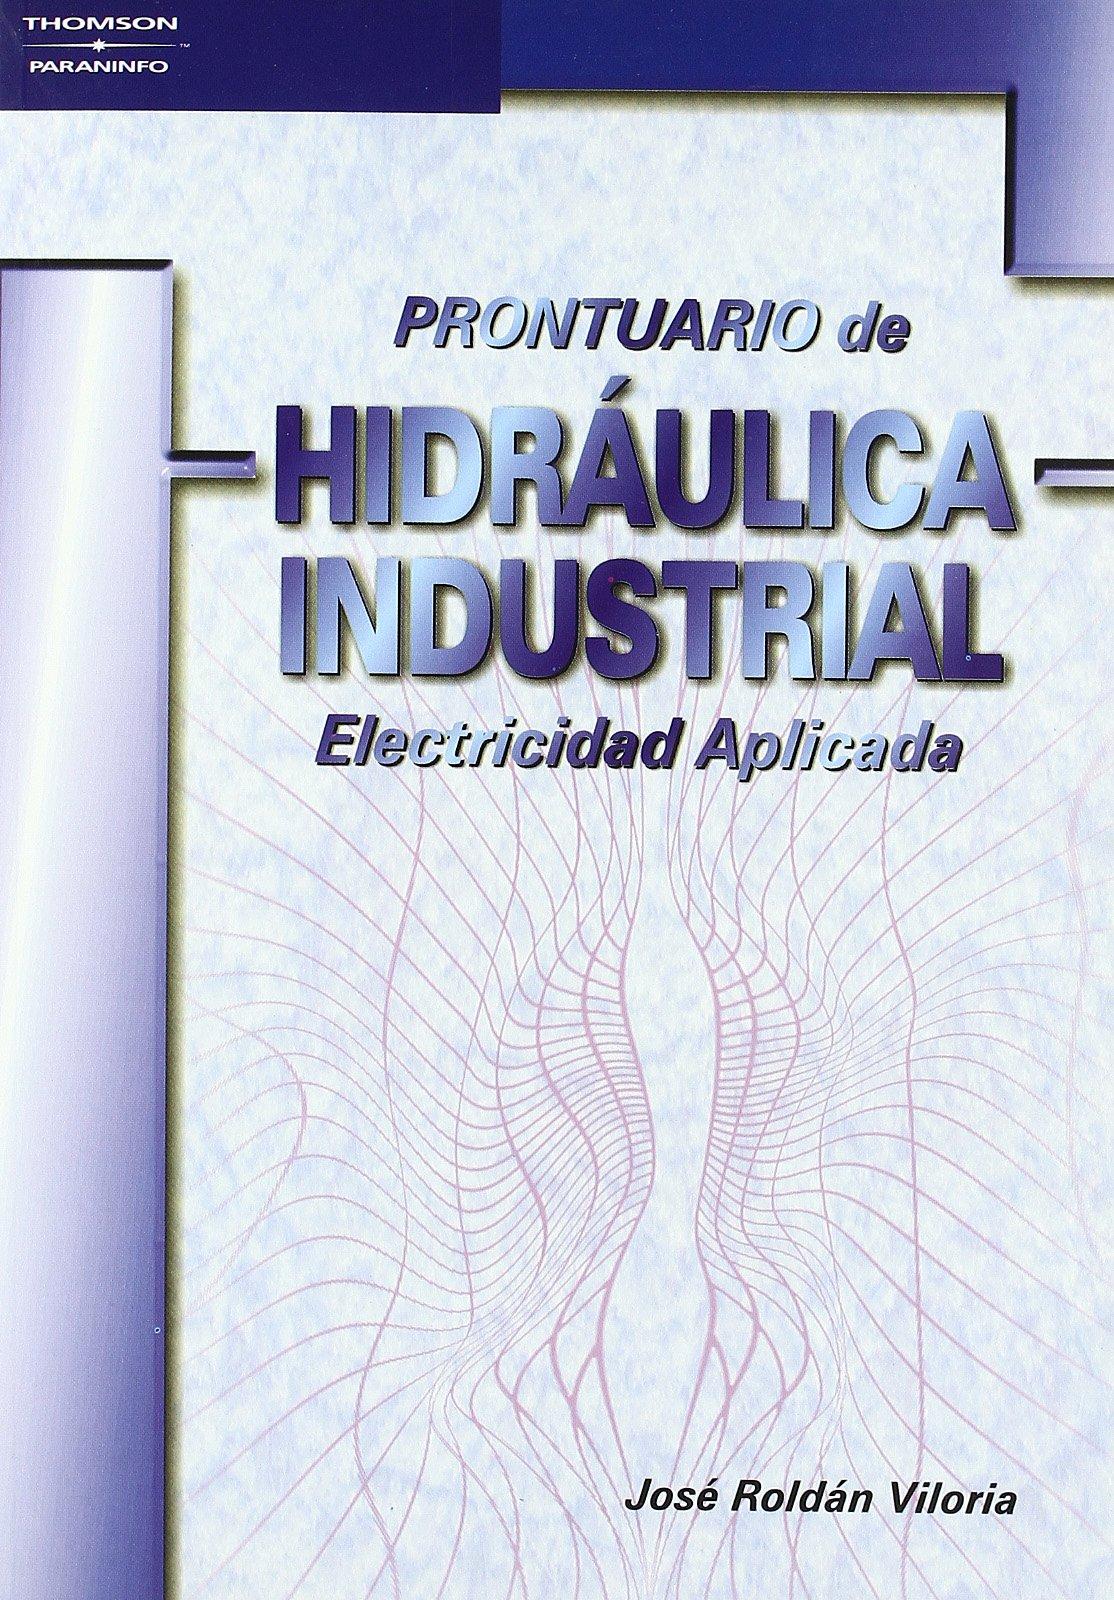 Prontuario de hidráulica industrial de José Roldán Viloria